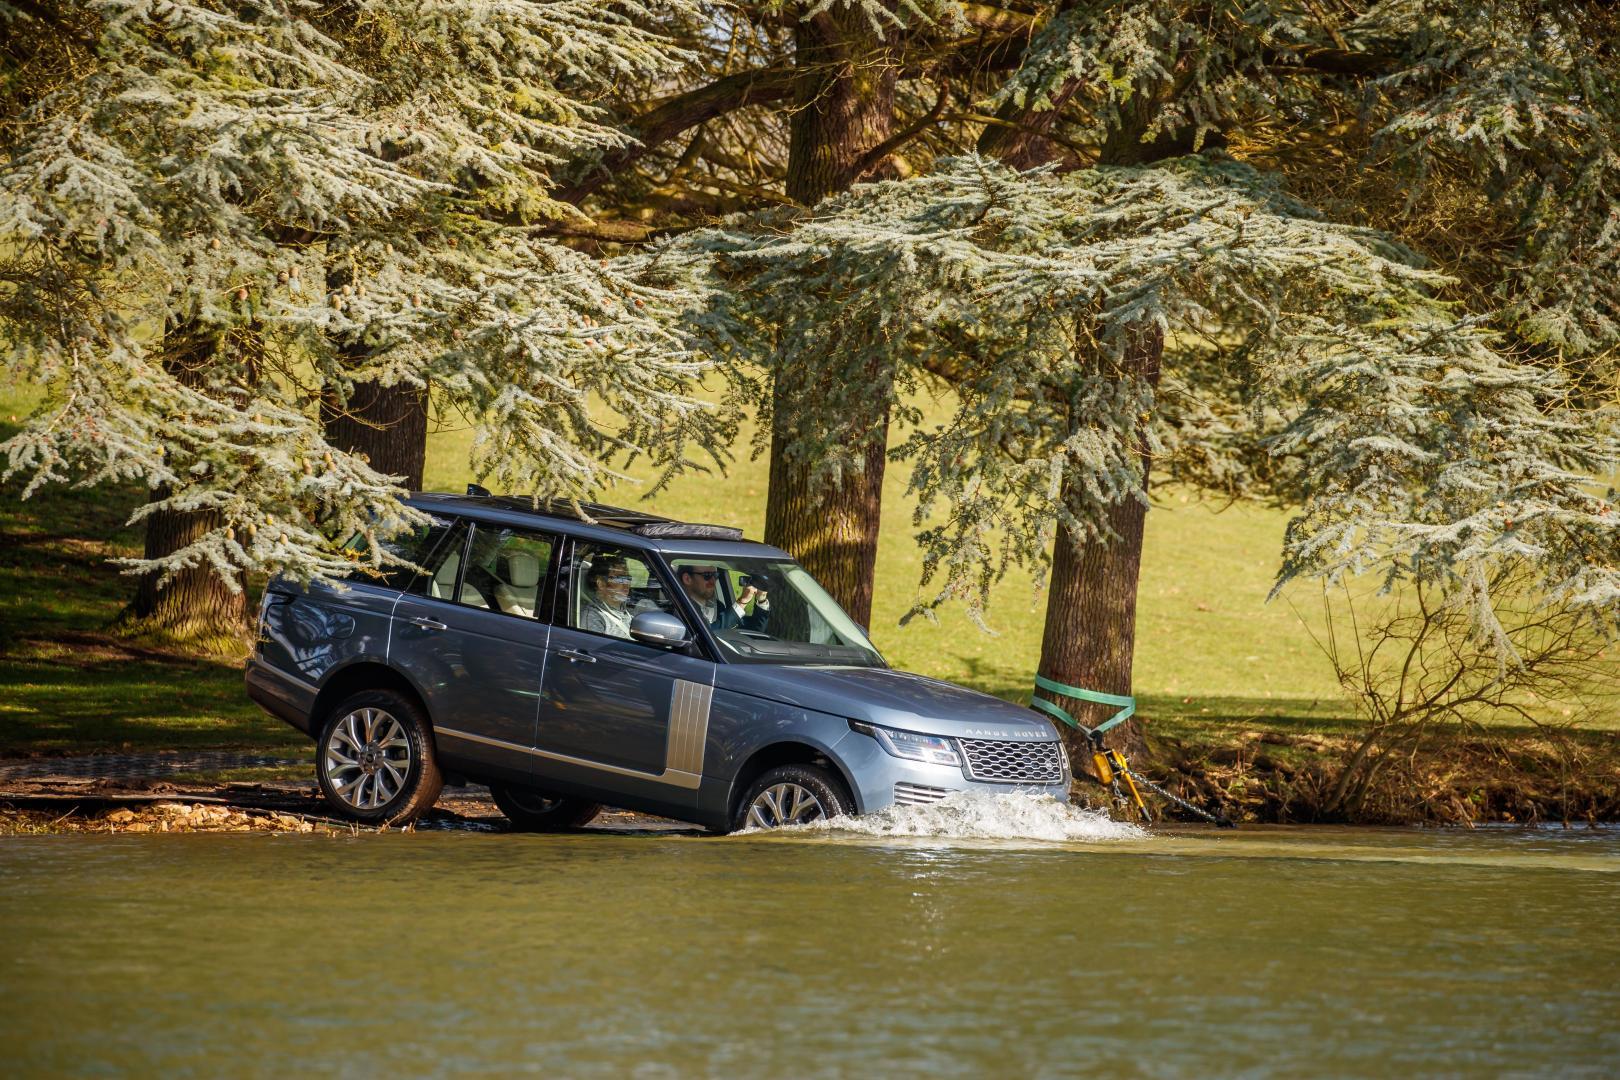 Kan de Range Rover PHEV door water?